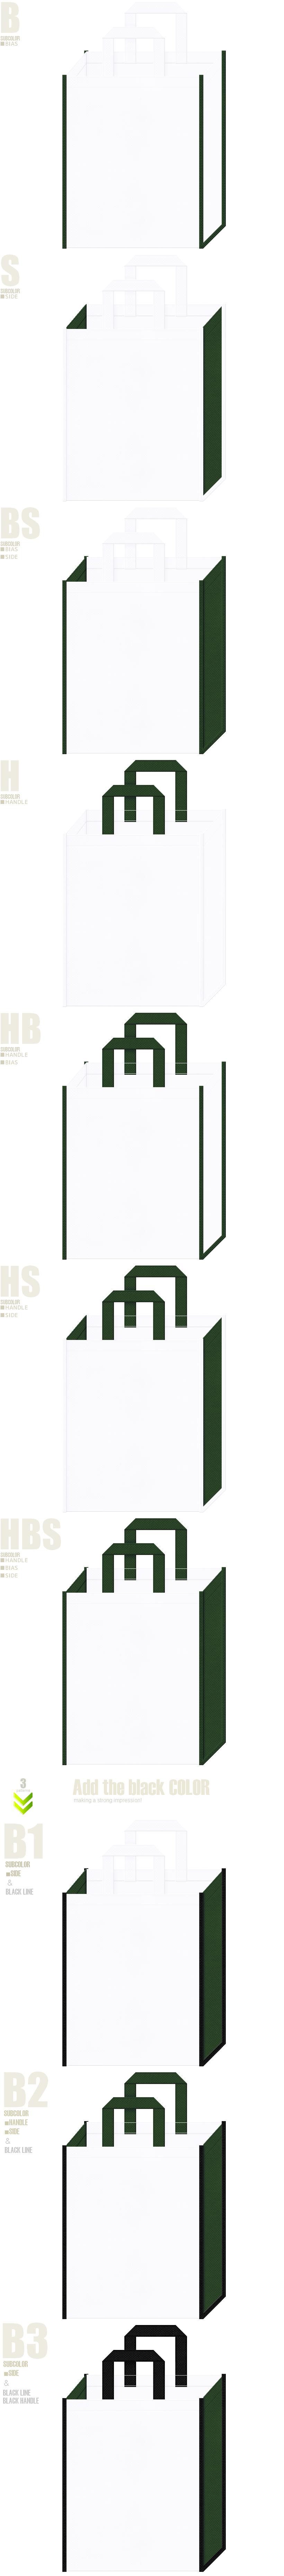 展示会用バッグ・救急用品・薬局・処方箋・医療器具・医学部・薬学部・学校・学園・オープンキャンパス・学習塾・レッスンバッグにお奨めの不織布バッグデザイン:白色と濃緑色のコーデ10パターン